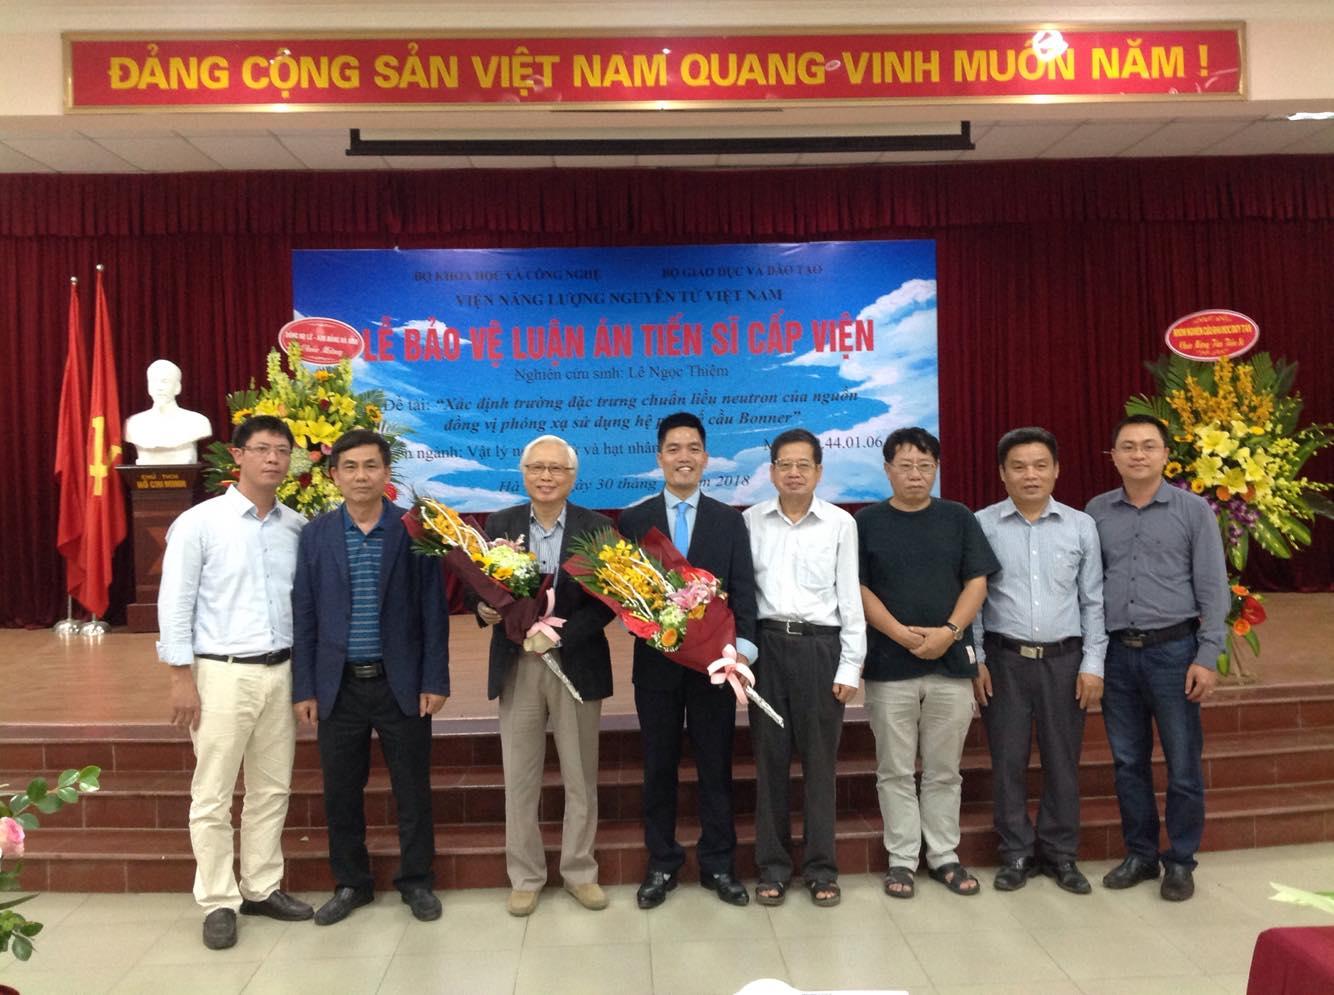 Nghiên cứu sinh Lê Ngọc Thiệm bảo về thành công luận án tiến sĩ